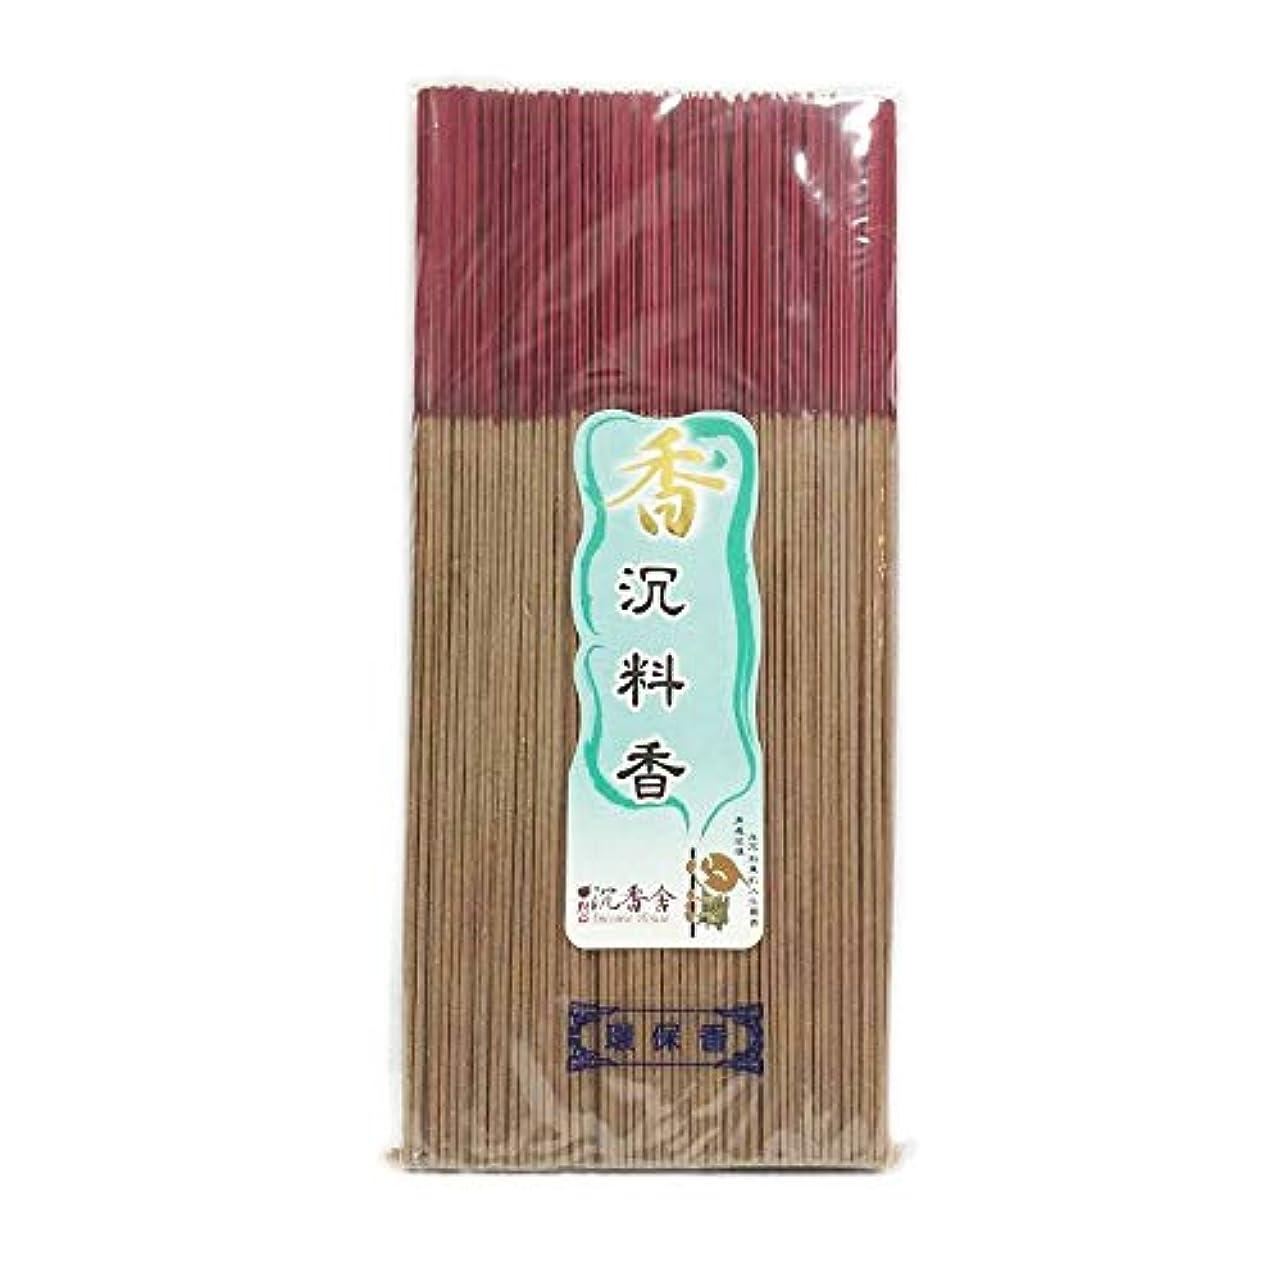 汚染された踏み台啓示伝統的 中国風 薬味 ジョス お香スティック 300g 台湾 お香 家 宗教的 仏陀用 約400本 30cm